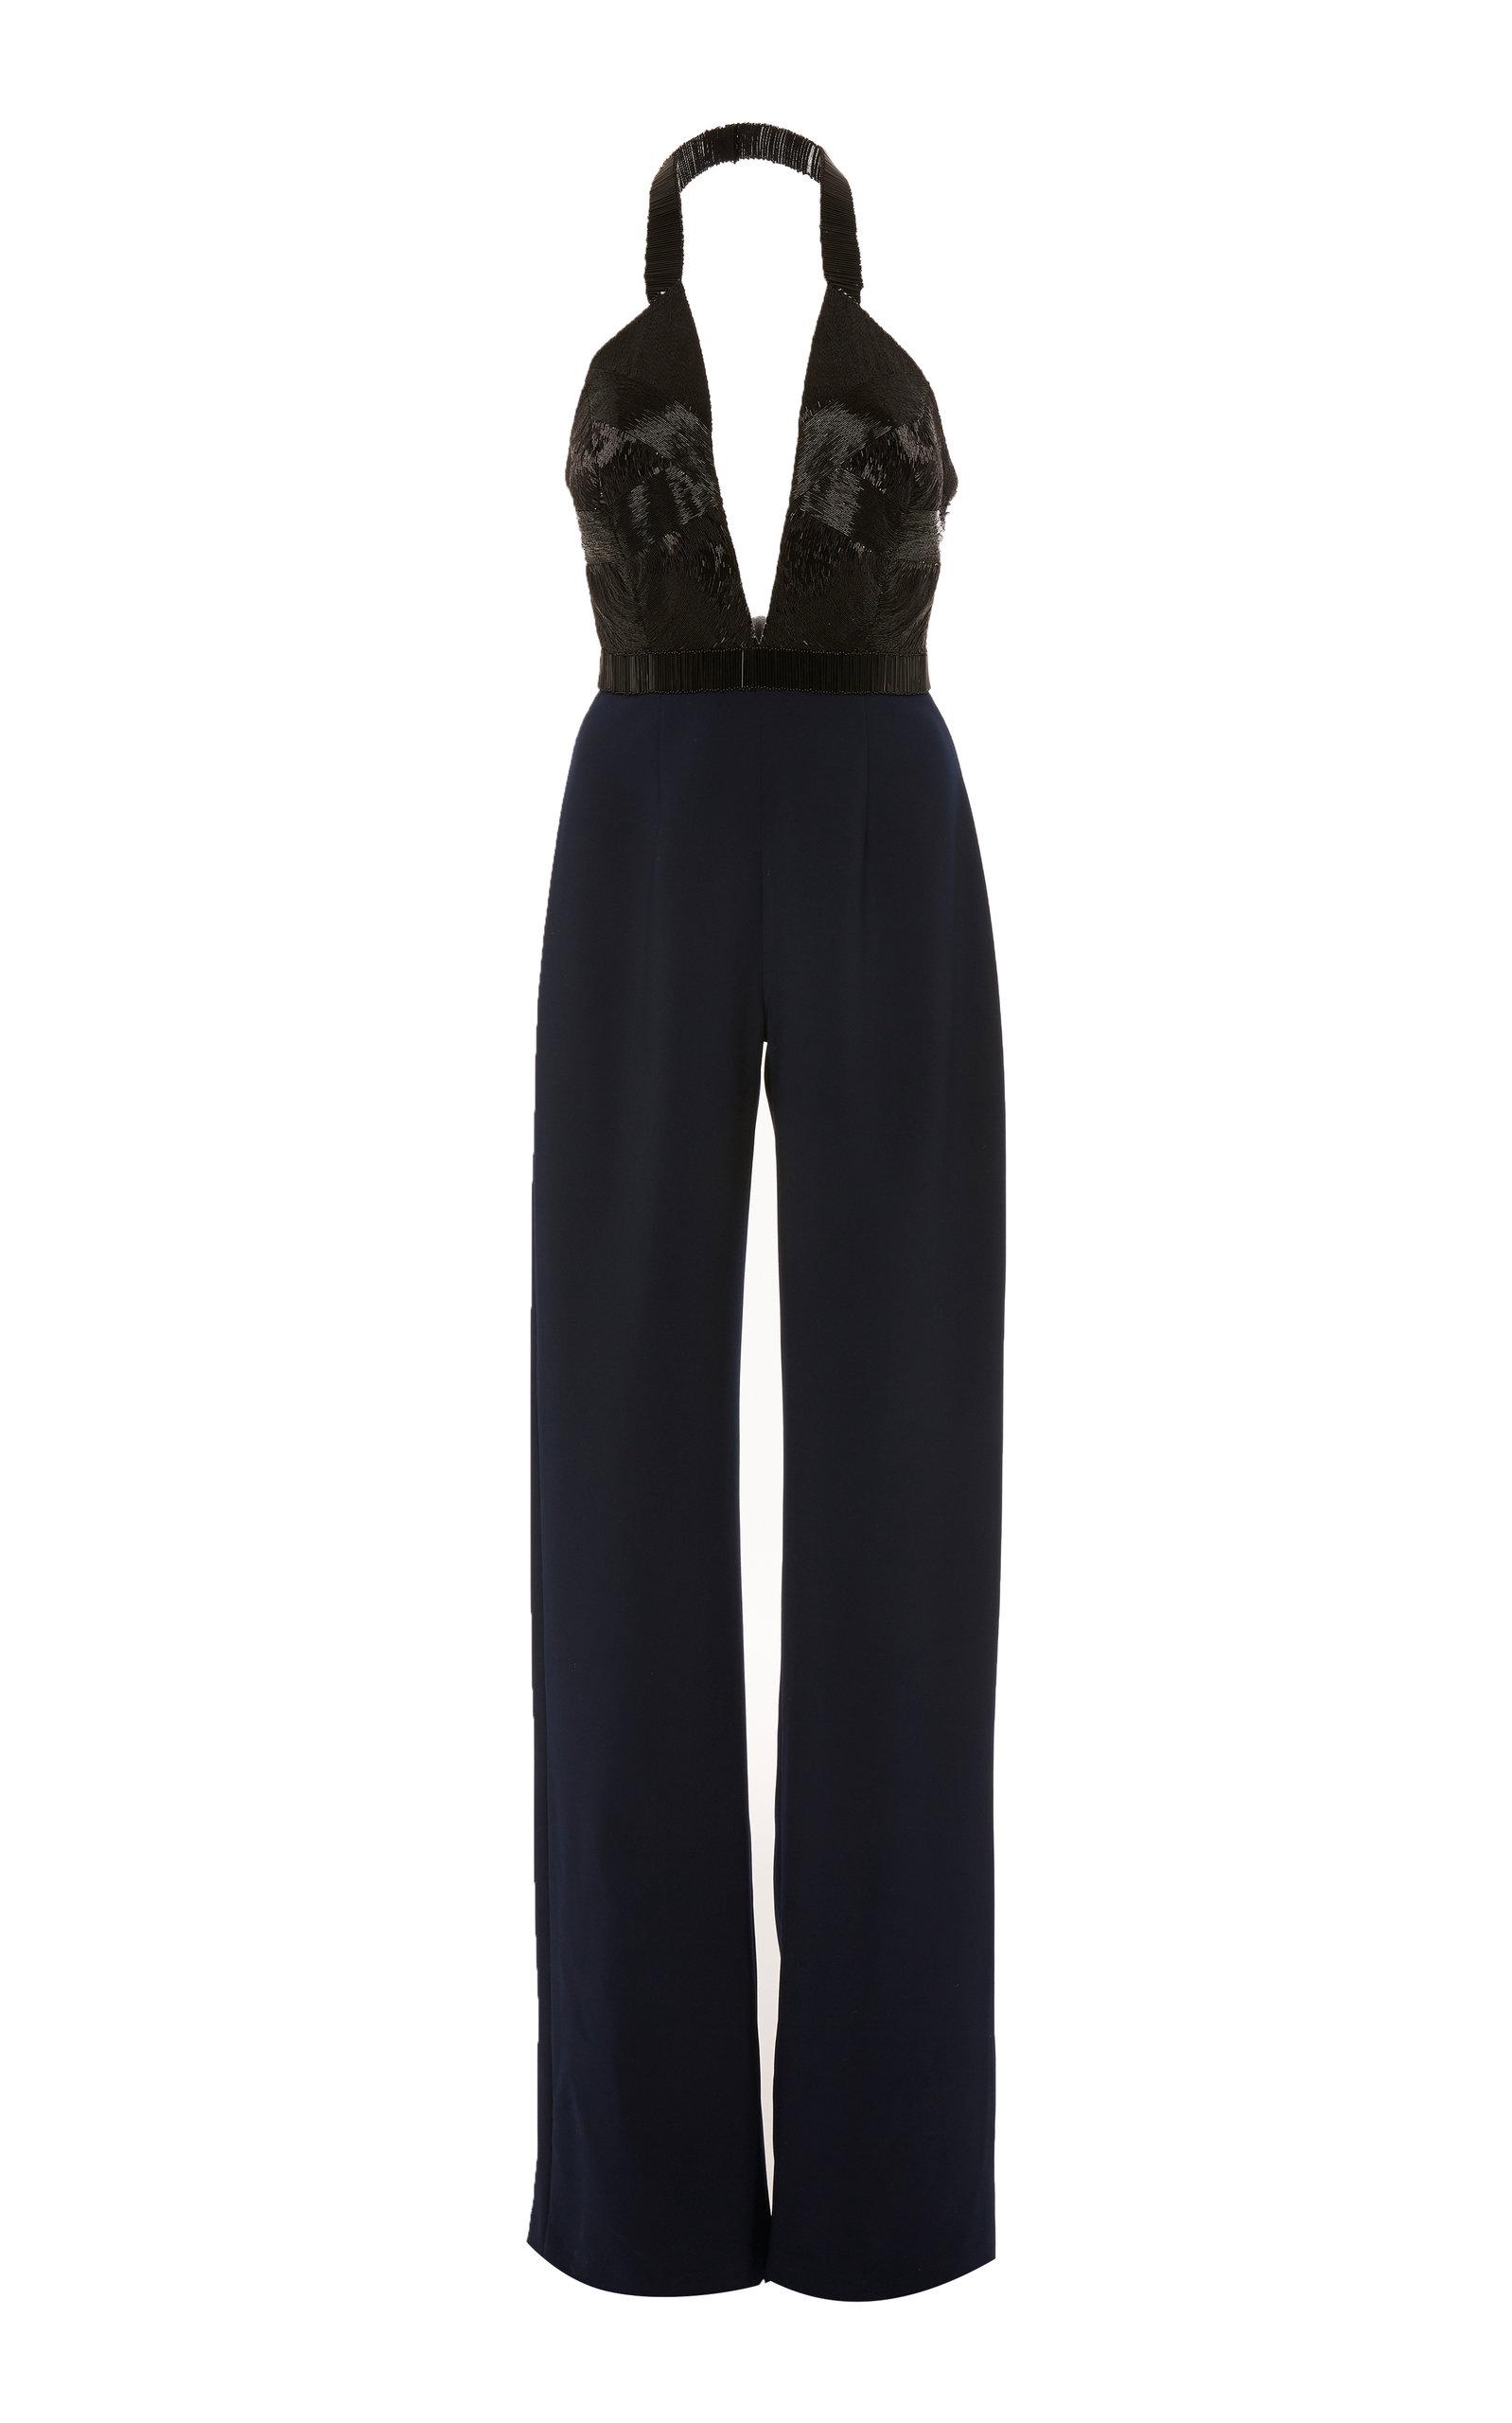 ALEXANDRA VIDAL Exclusive: Plunge Neckline Beaded Jumpsuit in Black